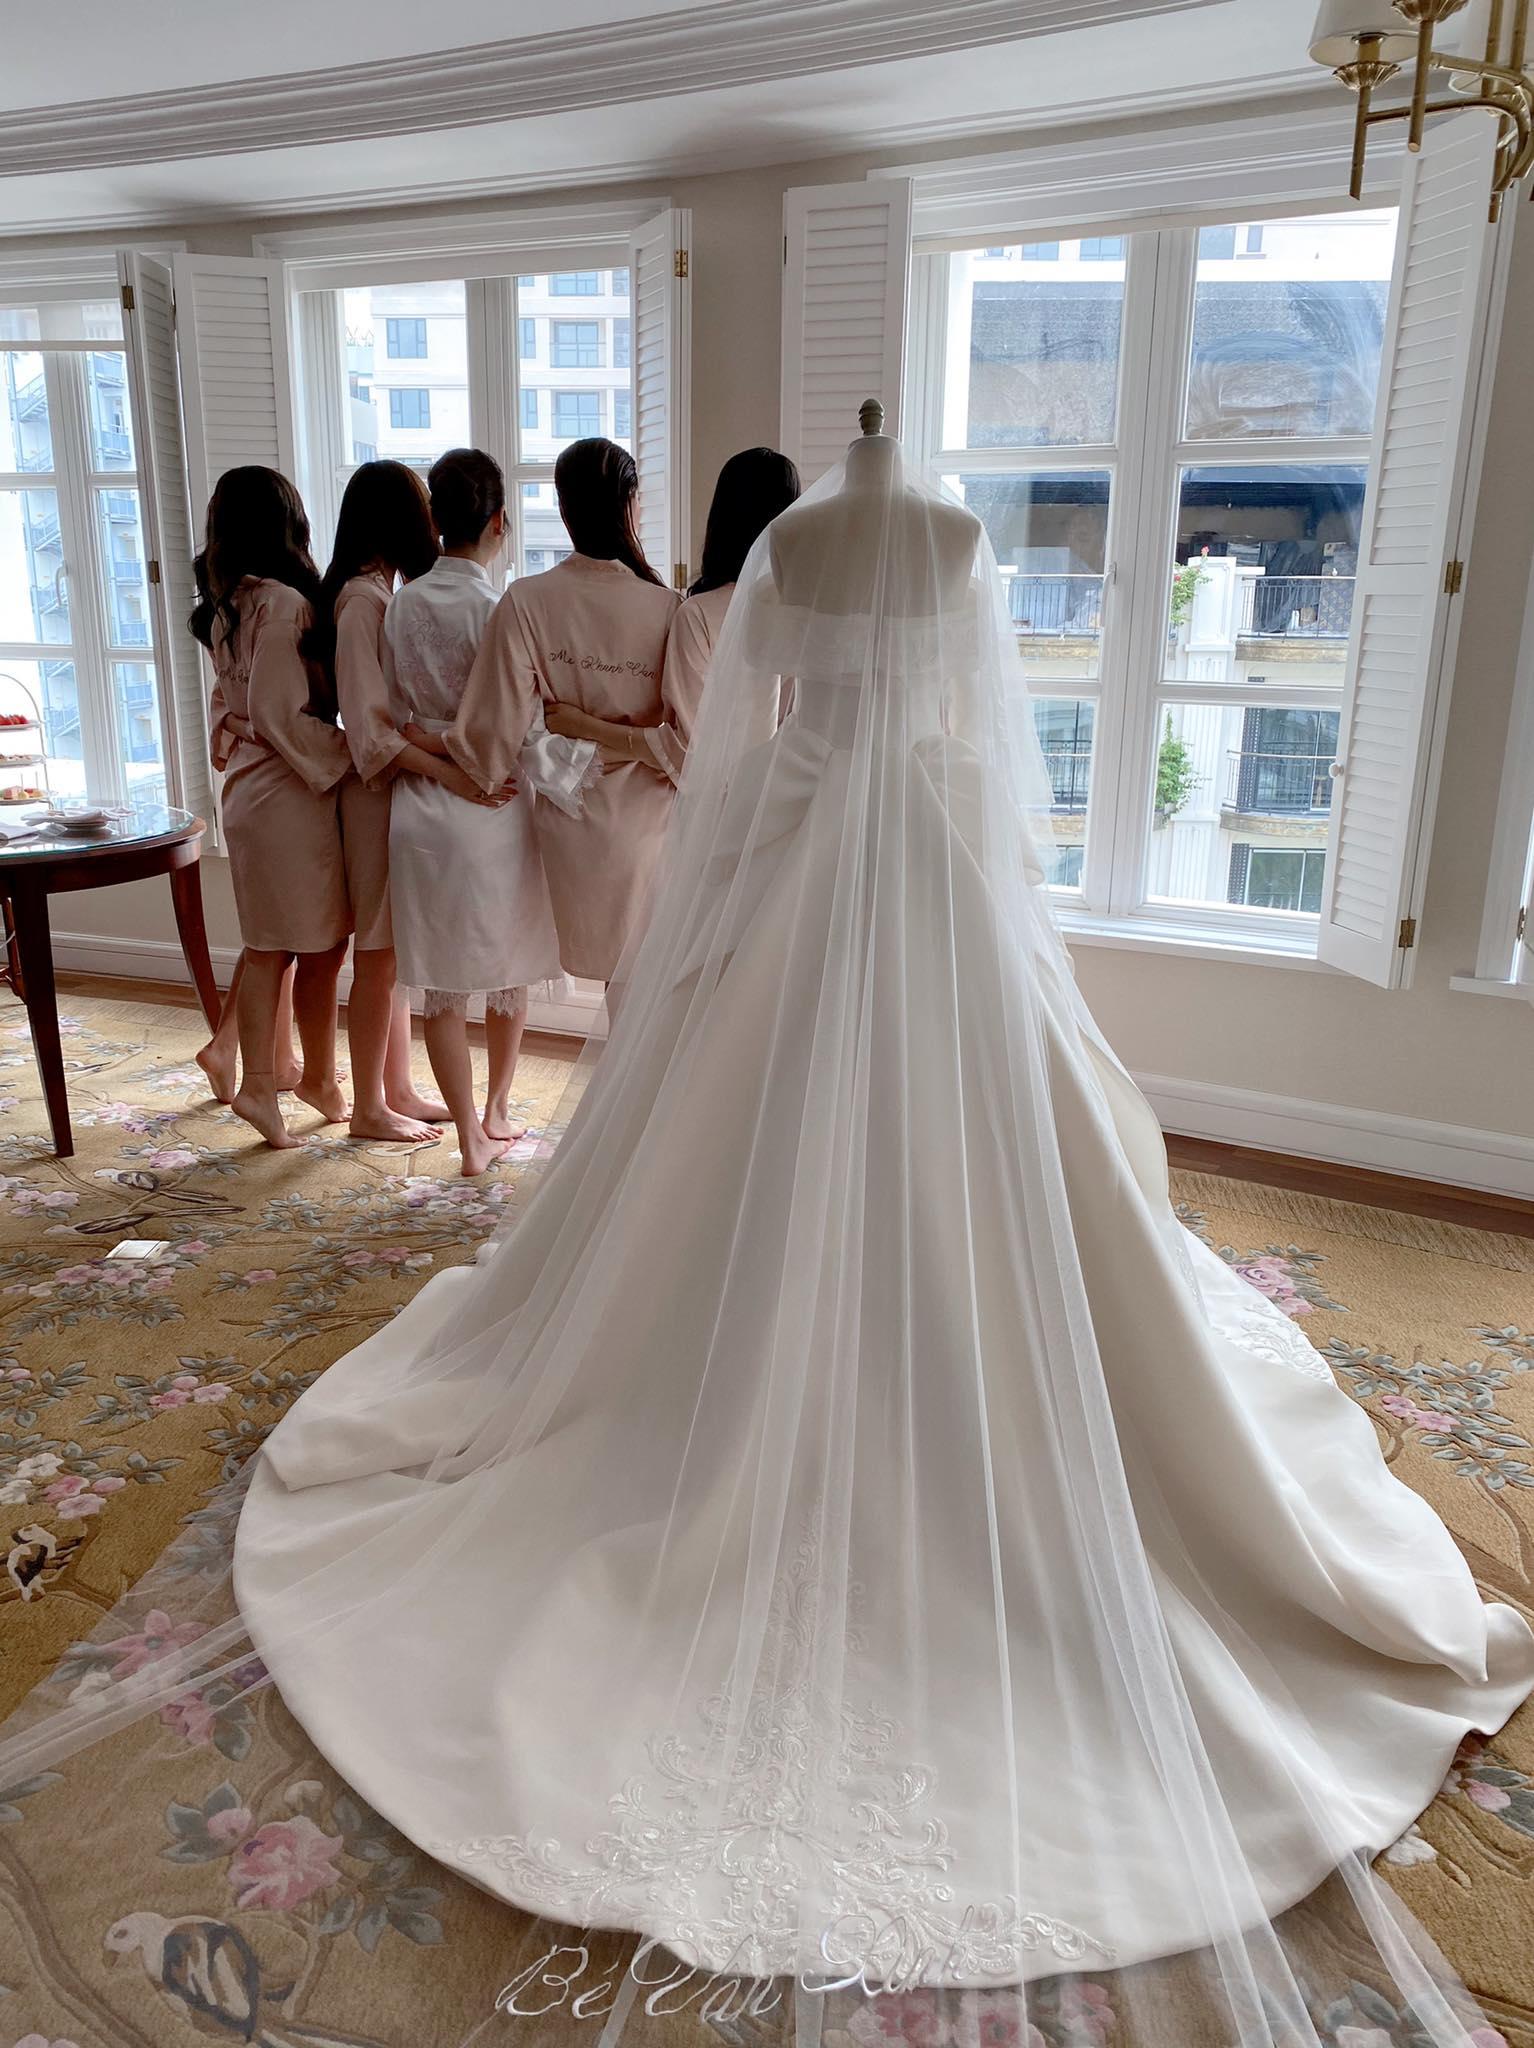 Trước giờ G, ngắm nhìn 1 trong 3 chiếc váy cưới của Á hậu Thuý Vân: Bộ váy cưới trong mơ của mọi cô gái - Ảnh 5.